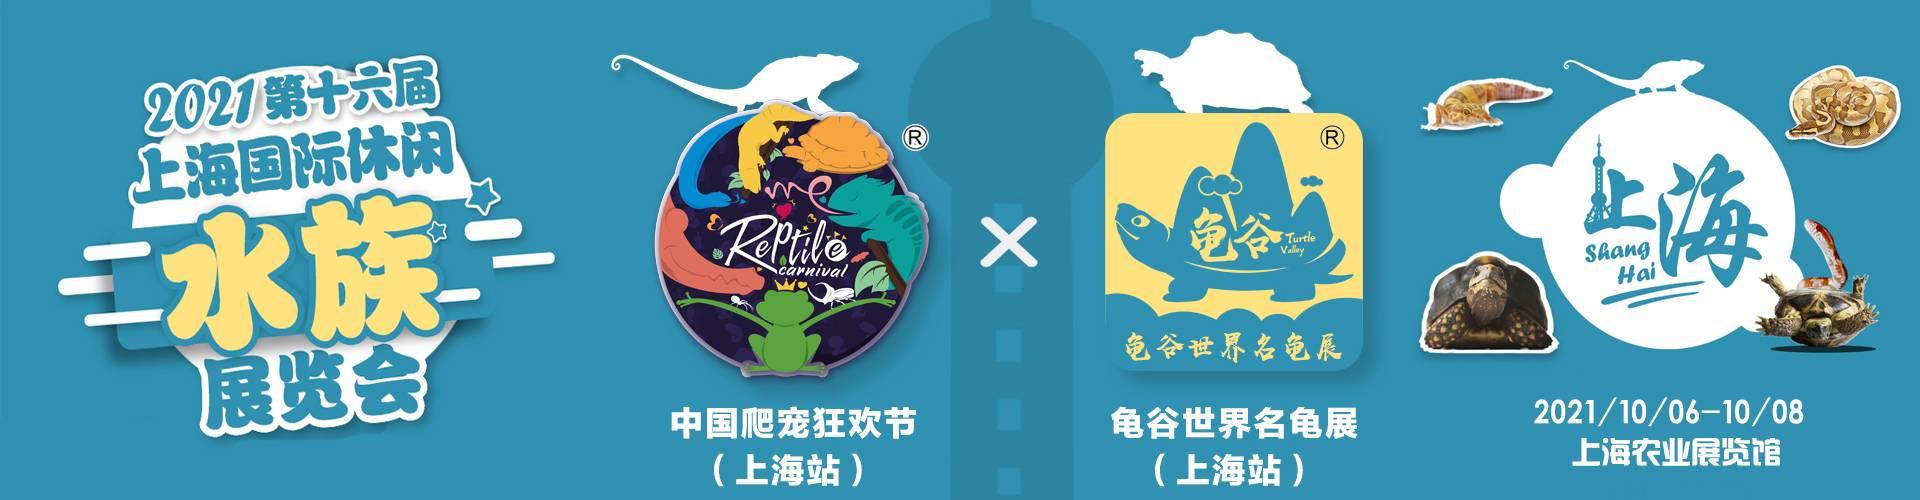 2021上海水族展●龟谷世界名龟展●中国爬宠狂欢节